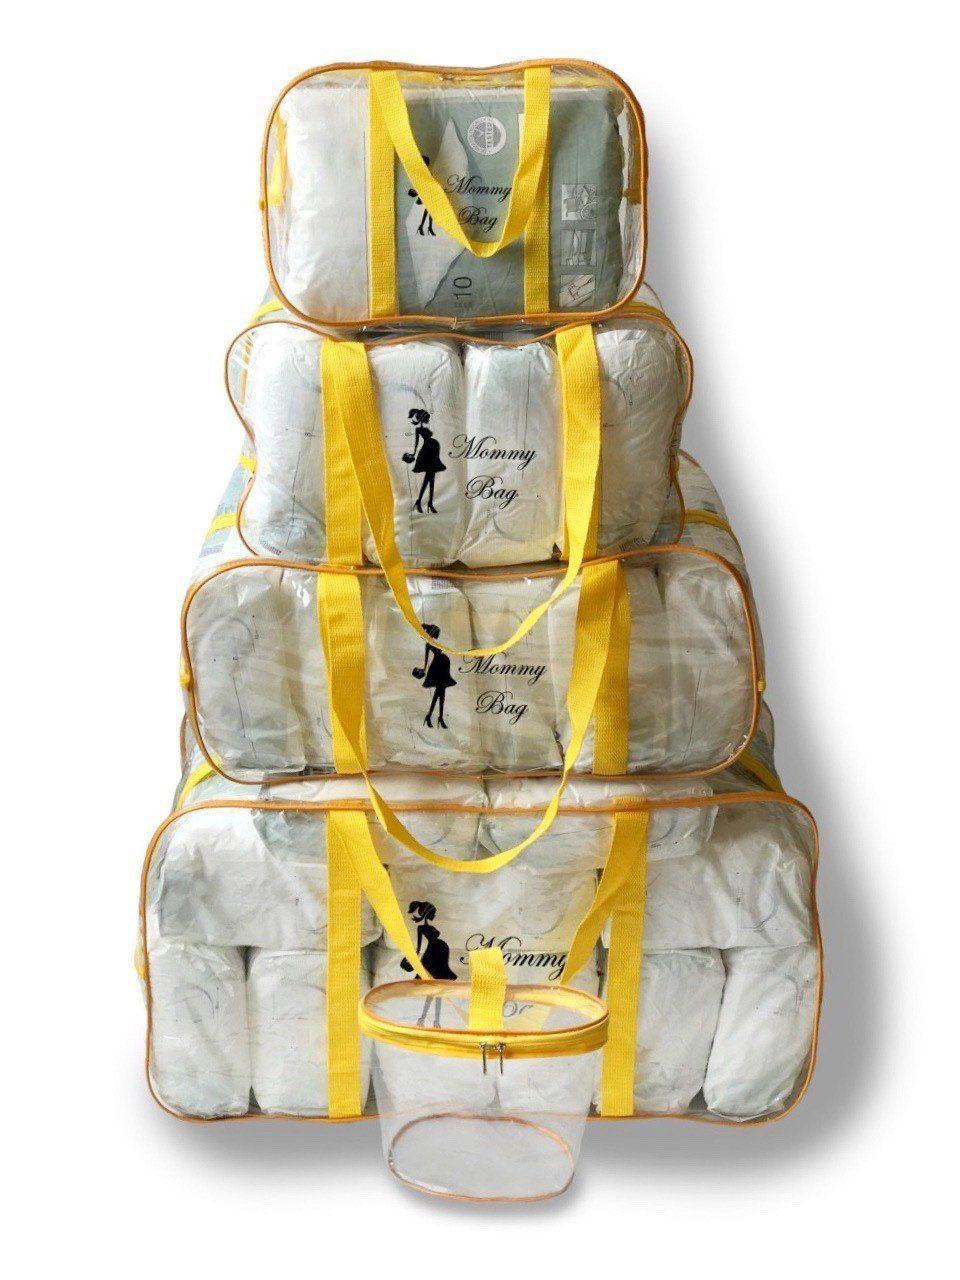 Набор из прозрачных сумок в роддом Mommy Bag, размеры - S, M, L, XL + органайзер, цвет - Жёлтый